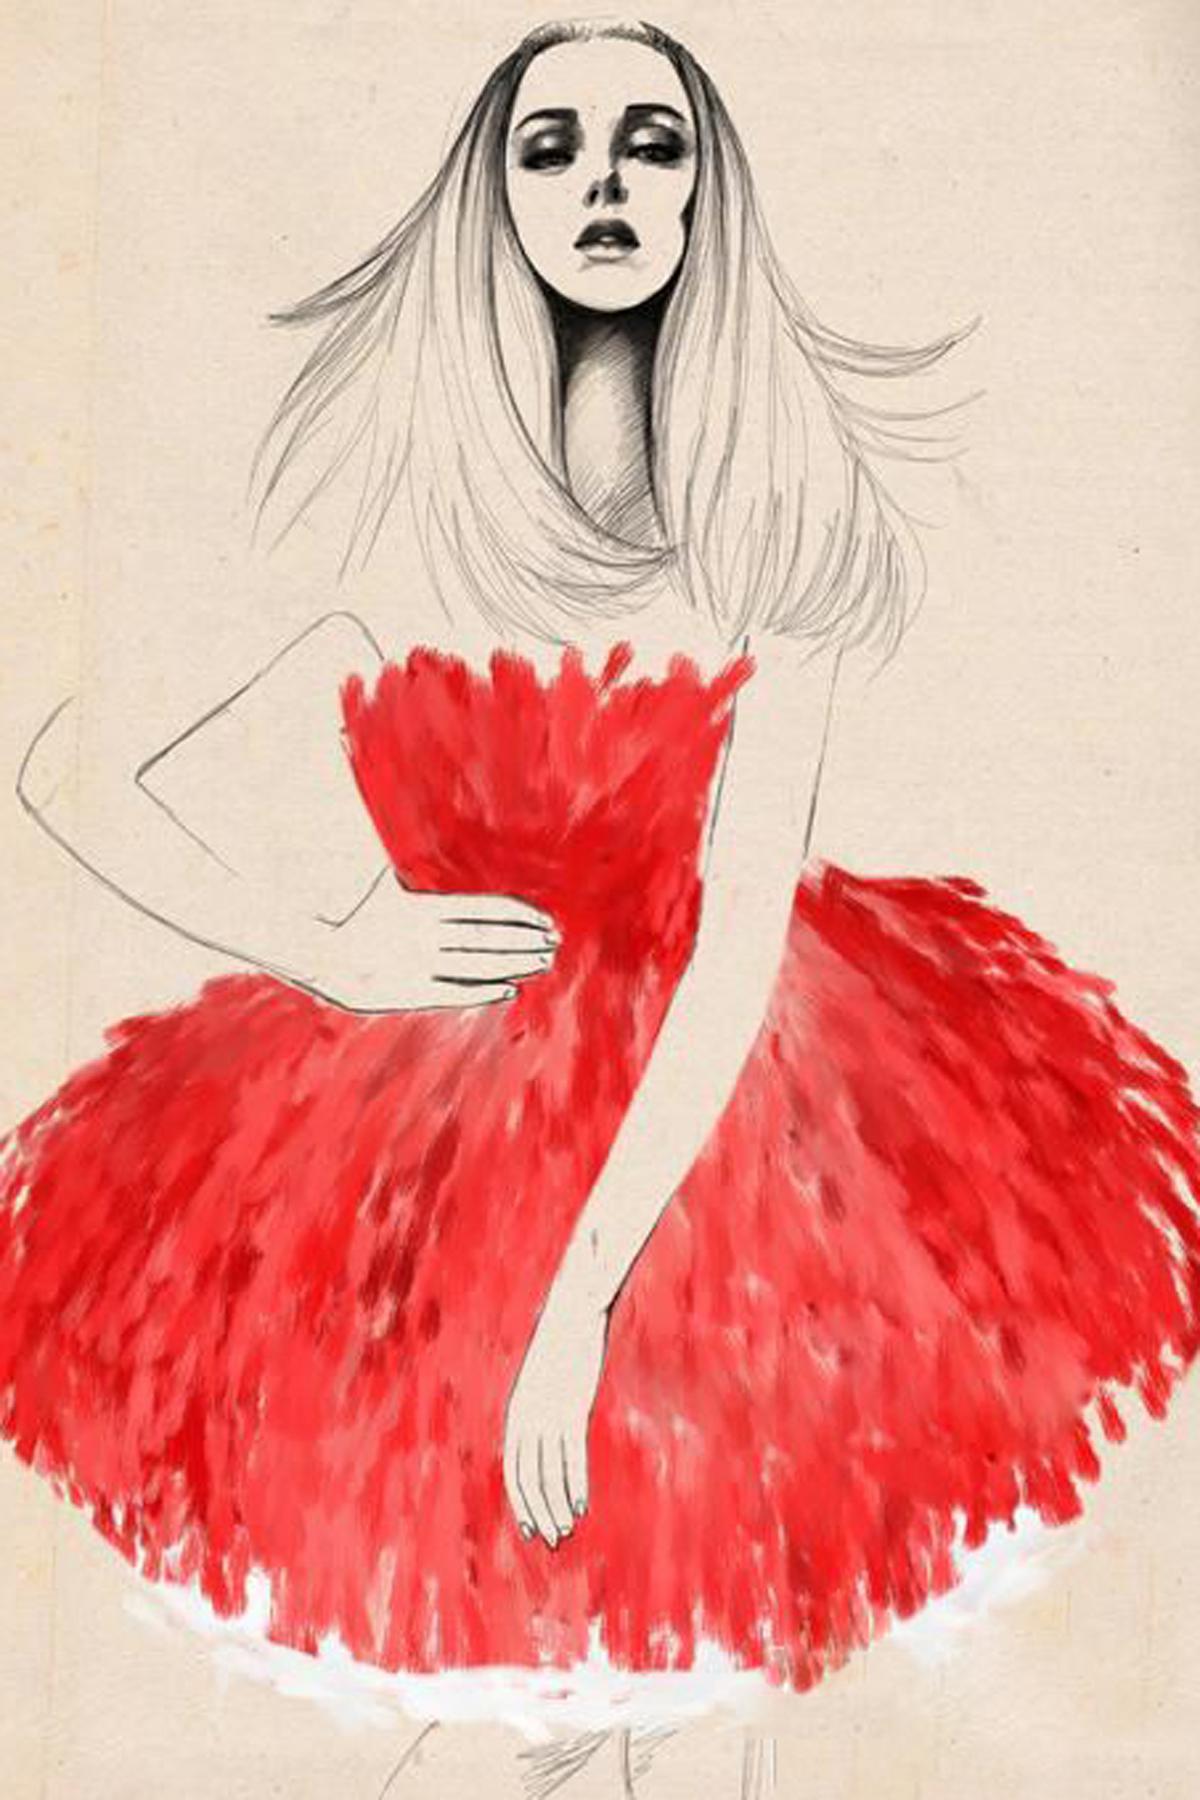 婚纱礼服手稿欣赏 广州莎丽优丽婚纱礼服高级设计定制